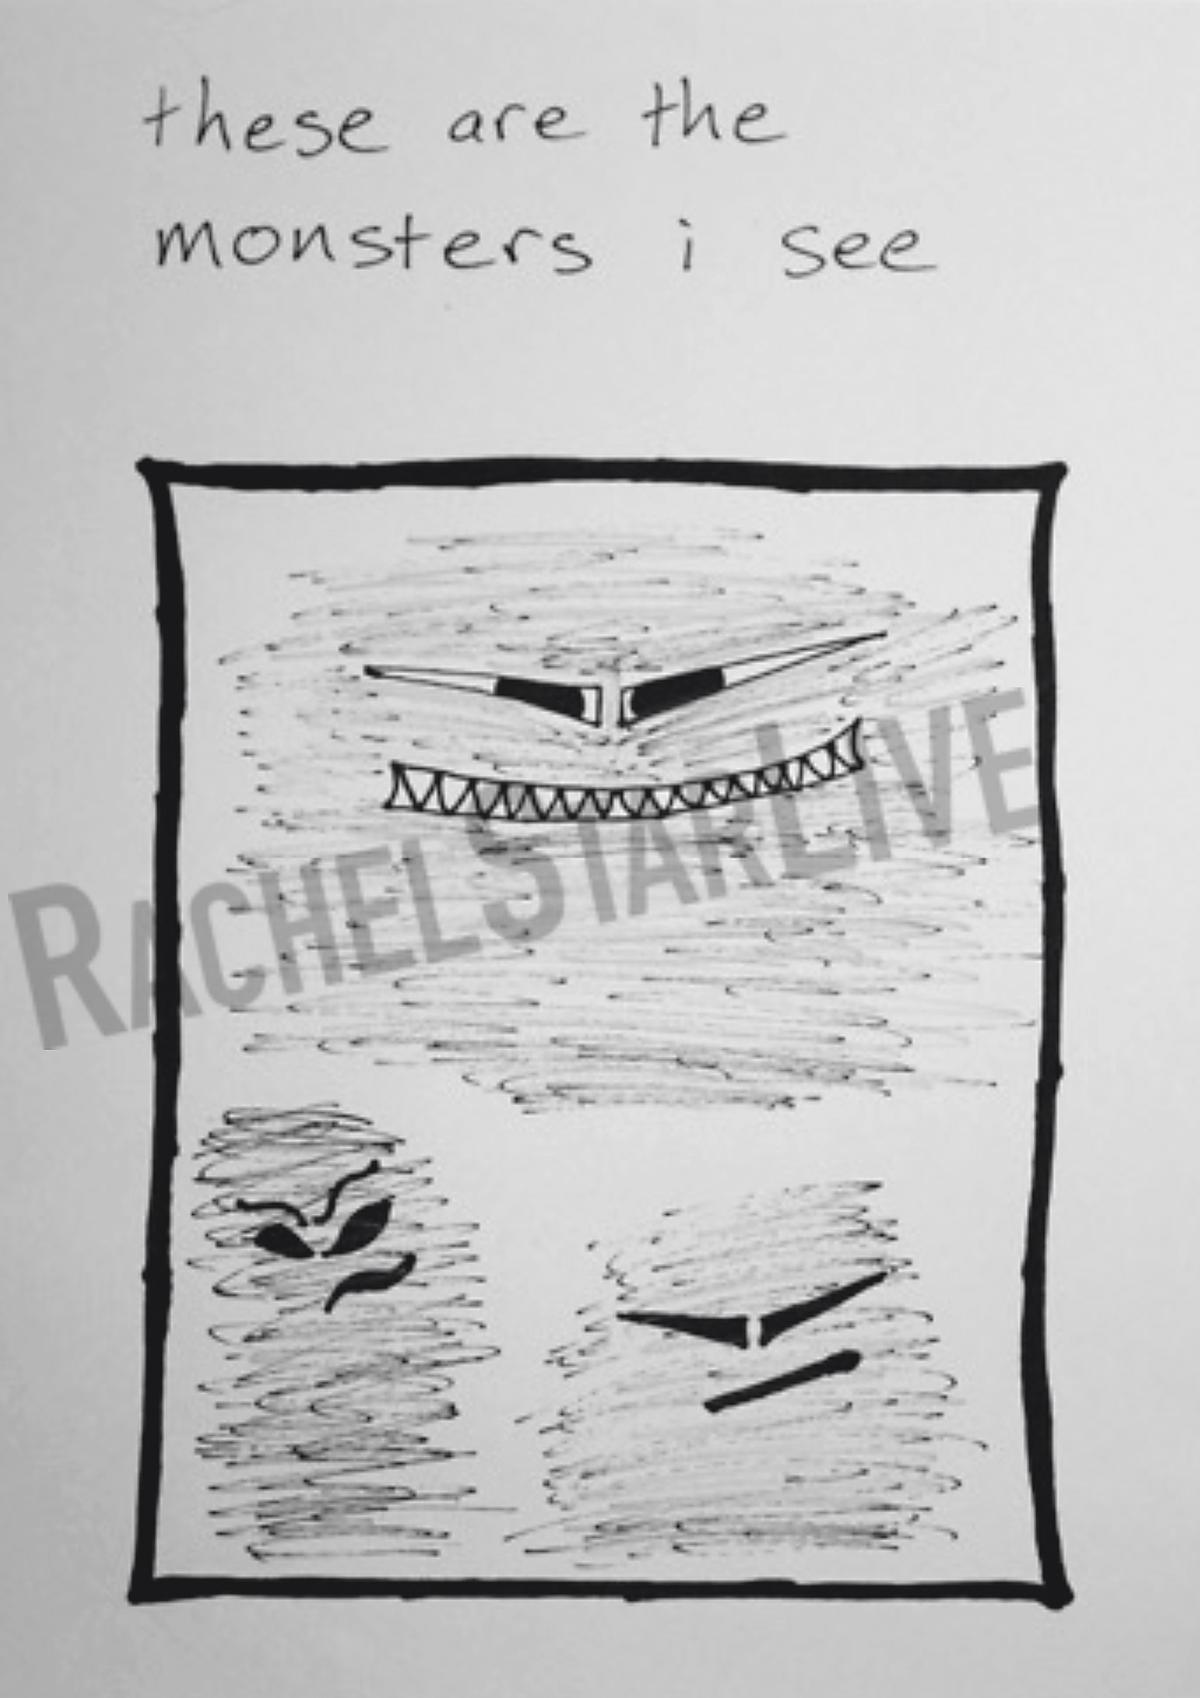 瑞秋史塔畫下她眼中的魔鬼,自製繪本向孩子們介紹何謂思覺失調。(瑞秋史塔提供)